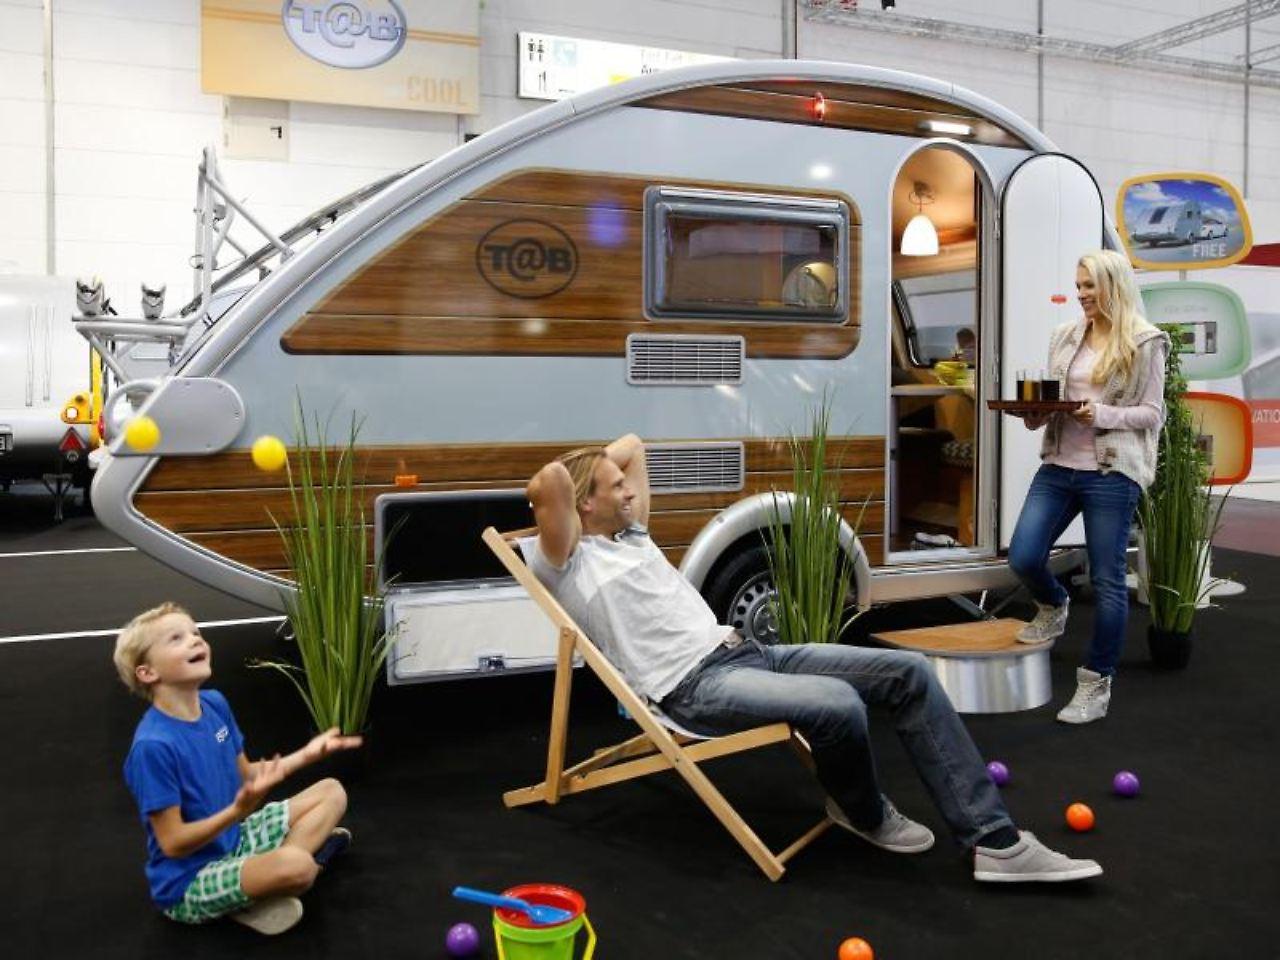 Kleiner Kühlschrank Wohnmobil : Kleiner kühlschrank für wohnwagen: camping kühlschränke für